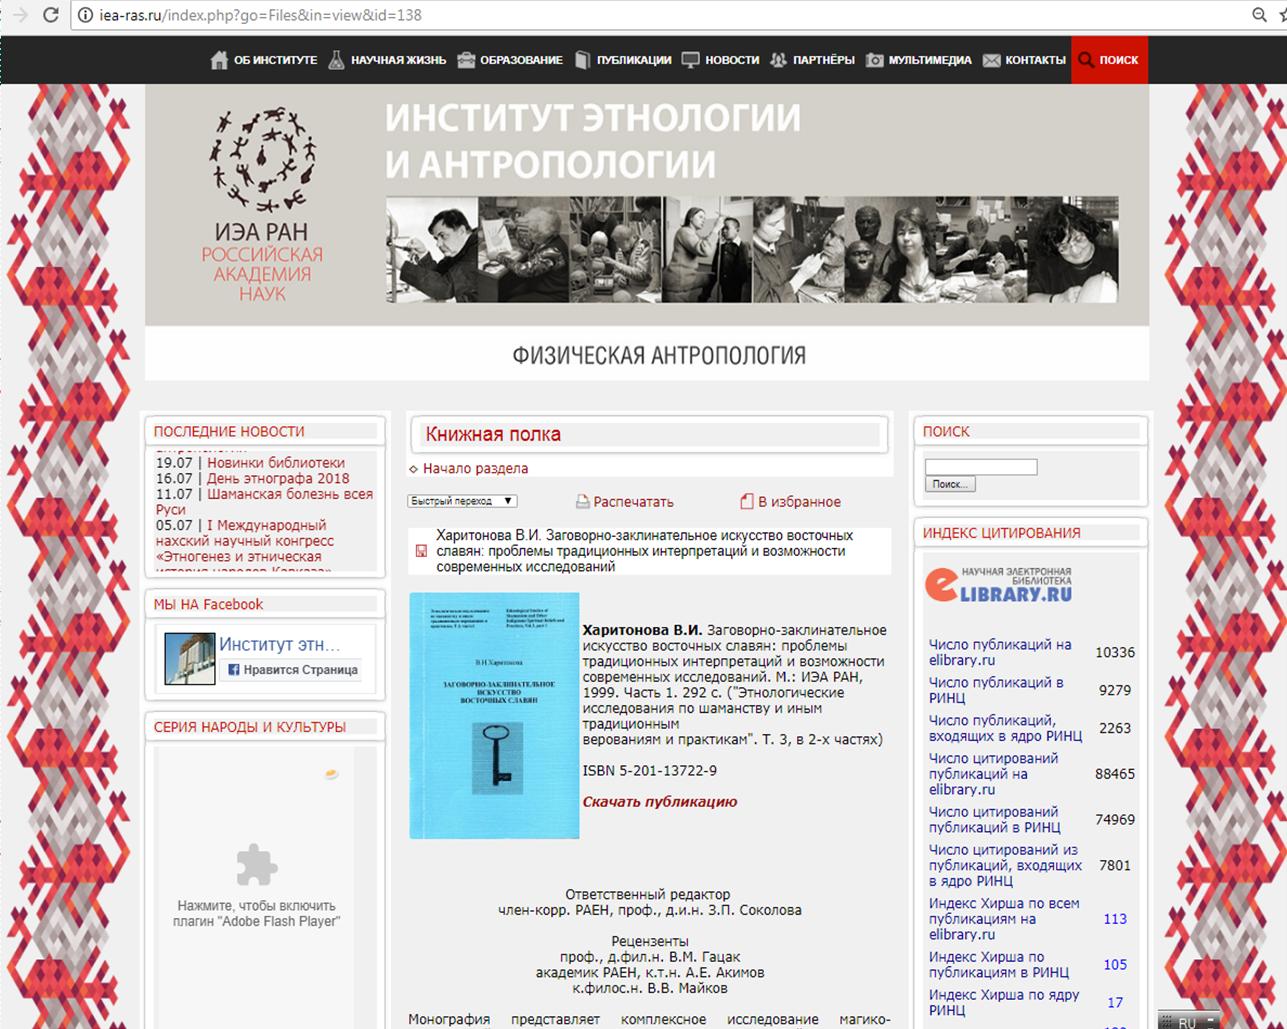 Духи лженауки и оккультизма Нью эйдж в институте Российской Академии Наук